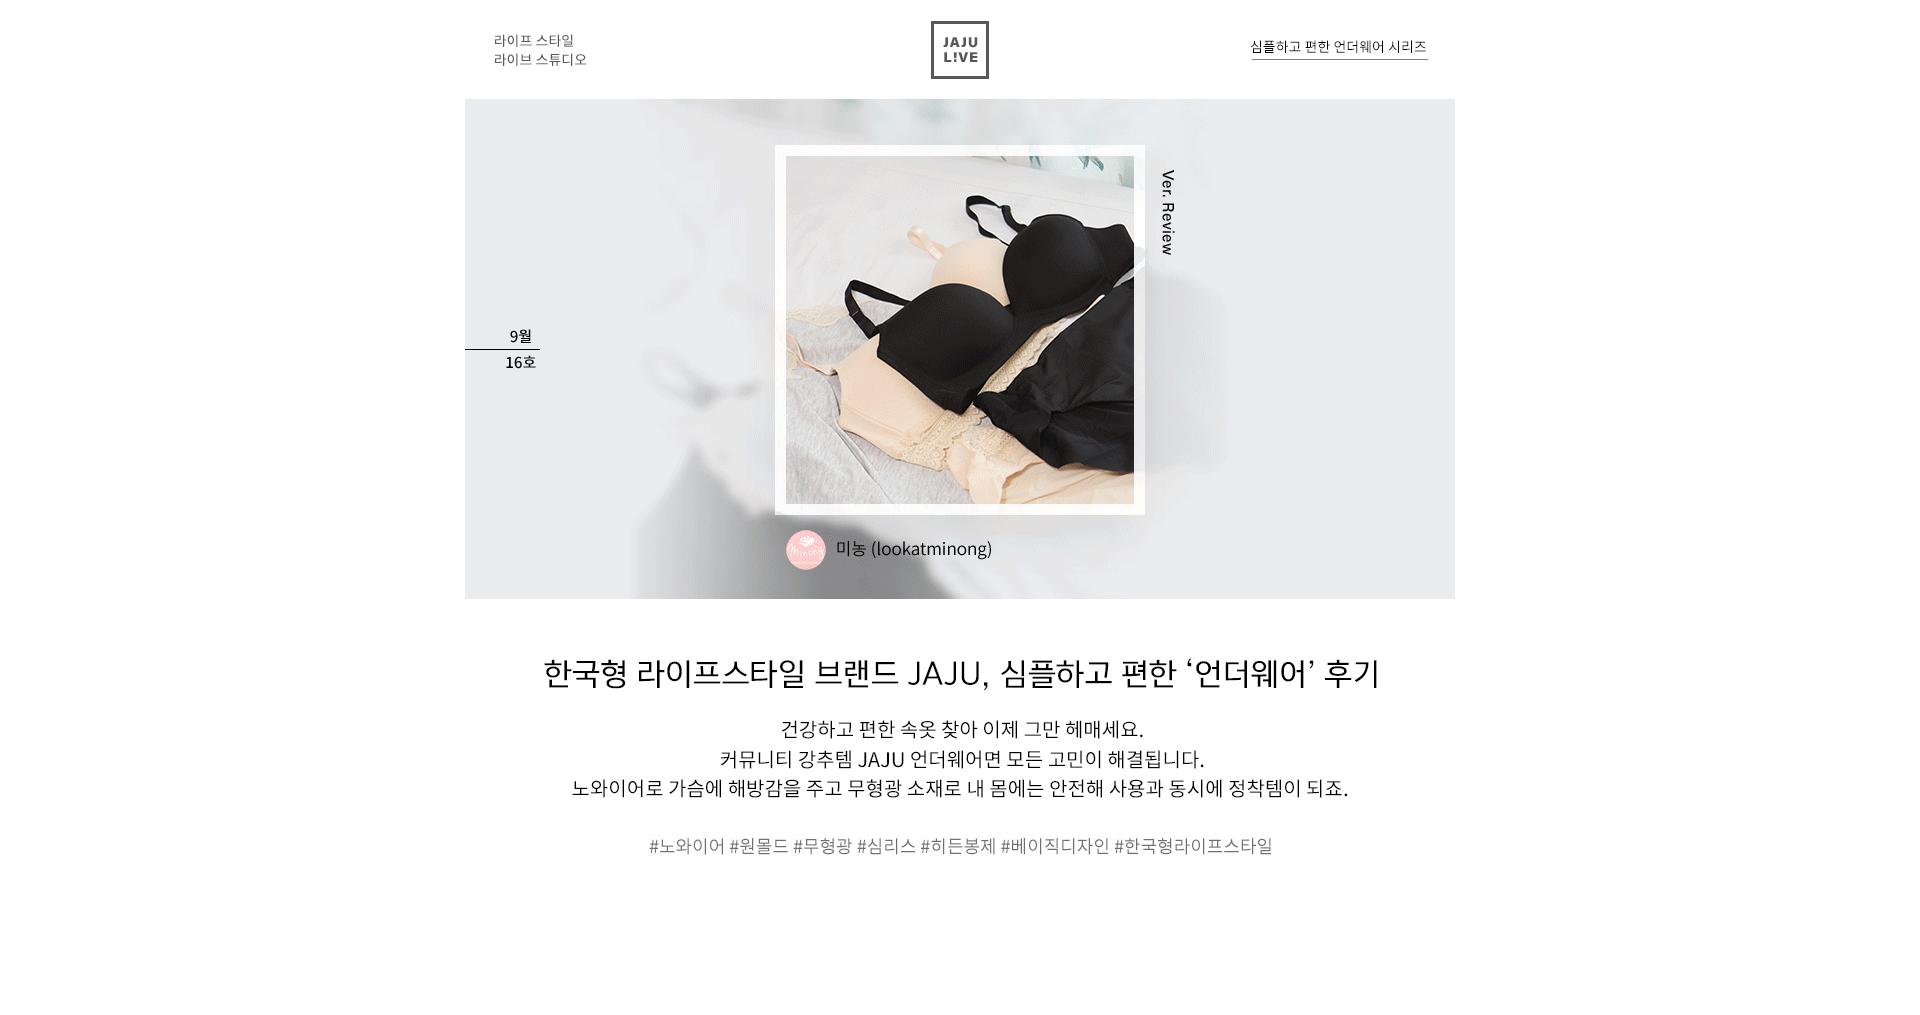 한국형 라이프스타일 브랜드 JAJU, 심플하고 편한 언더웨어 후기